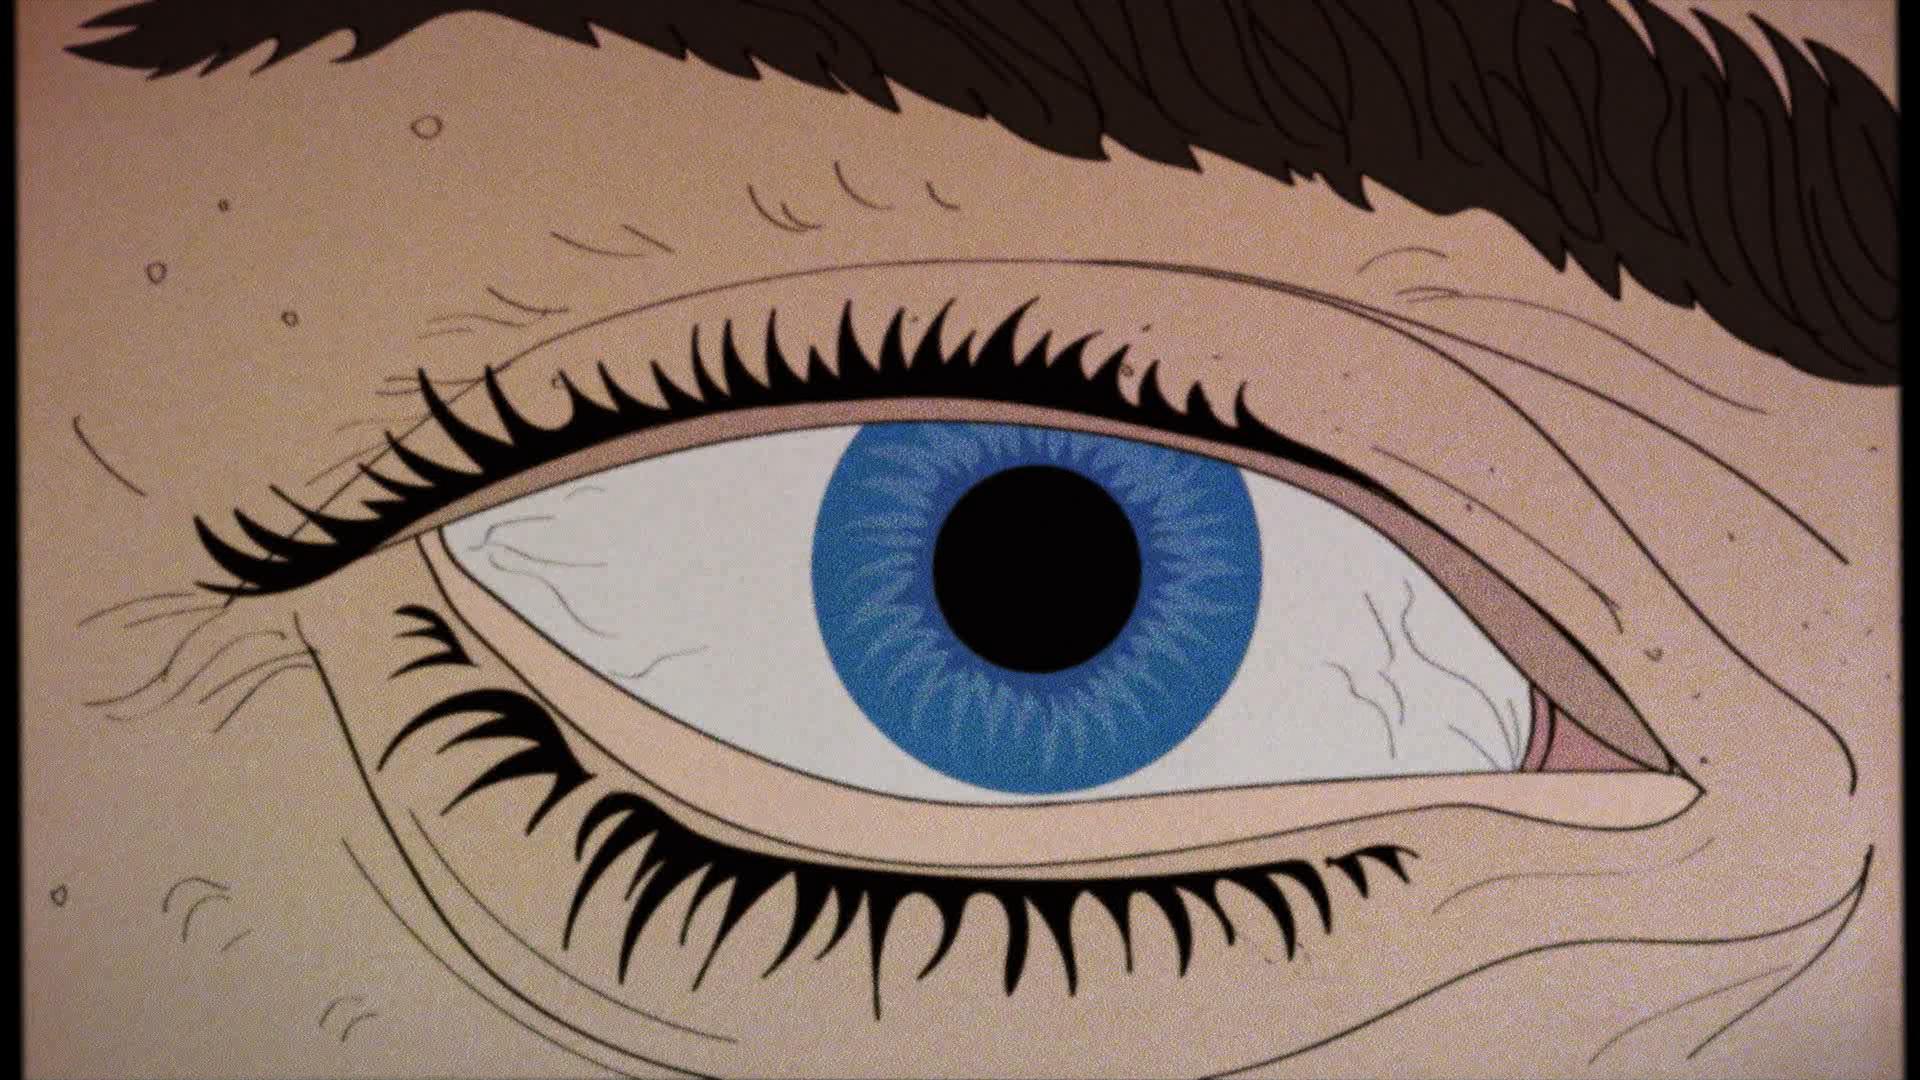 Новий сингл Паліндрома підняв некомфортну тему для психічно здорових людей